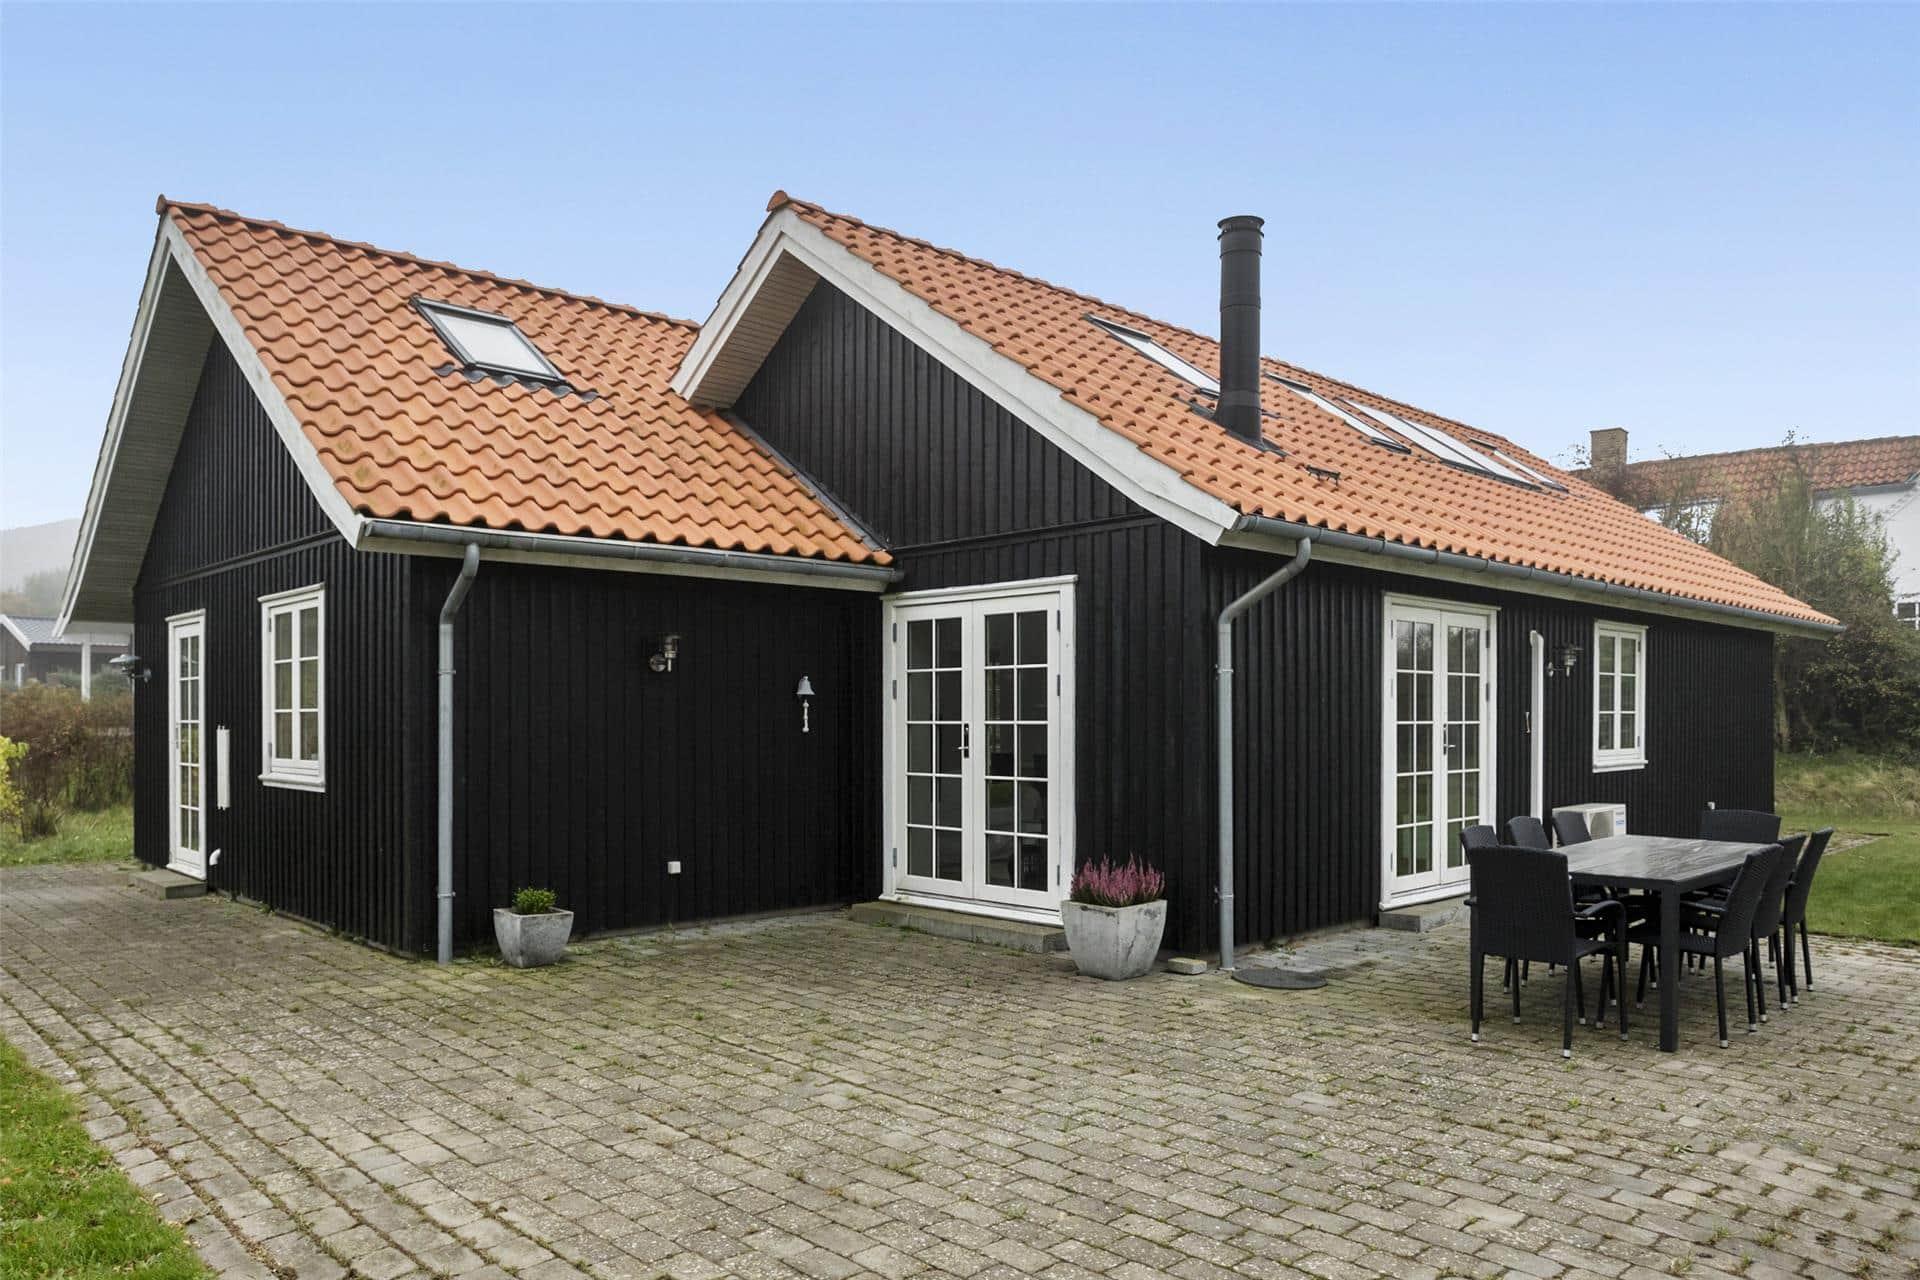 Bilde 1-17 Feirehus 16632, Kåruphøj 4, DK - 4540 Fårevejle